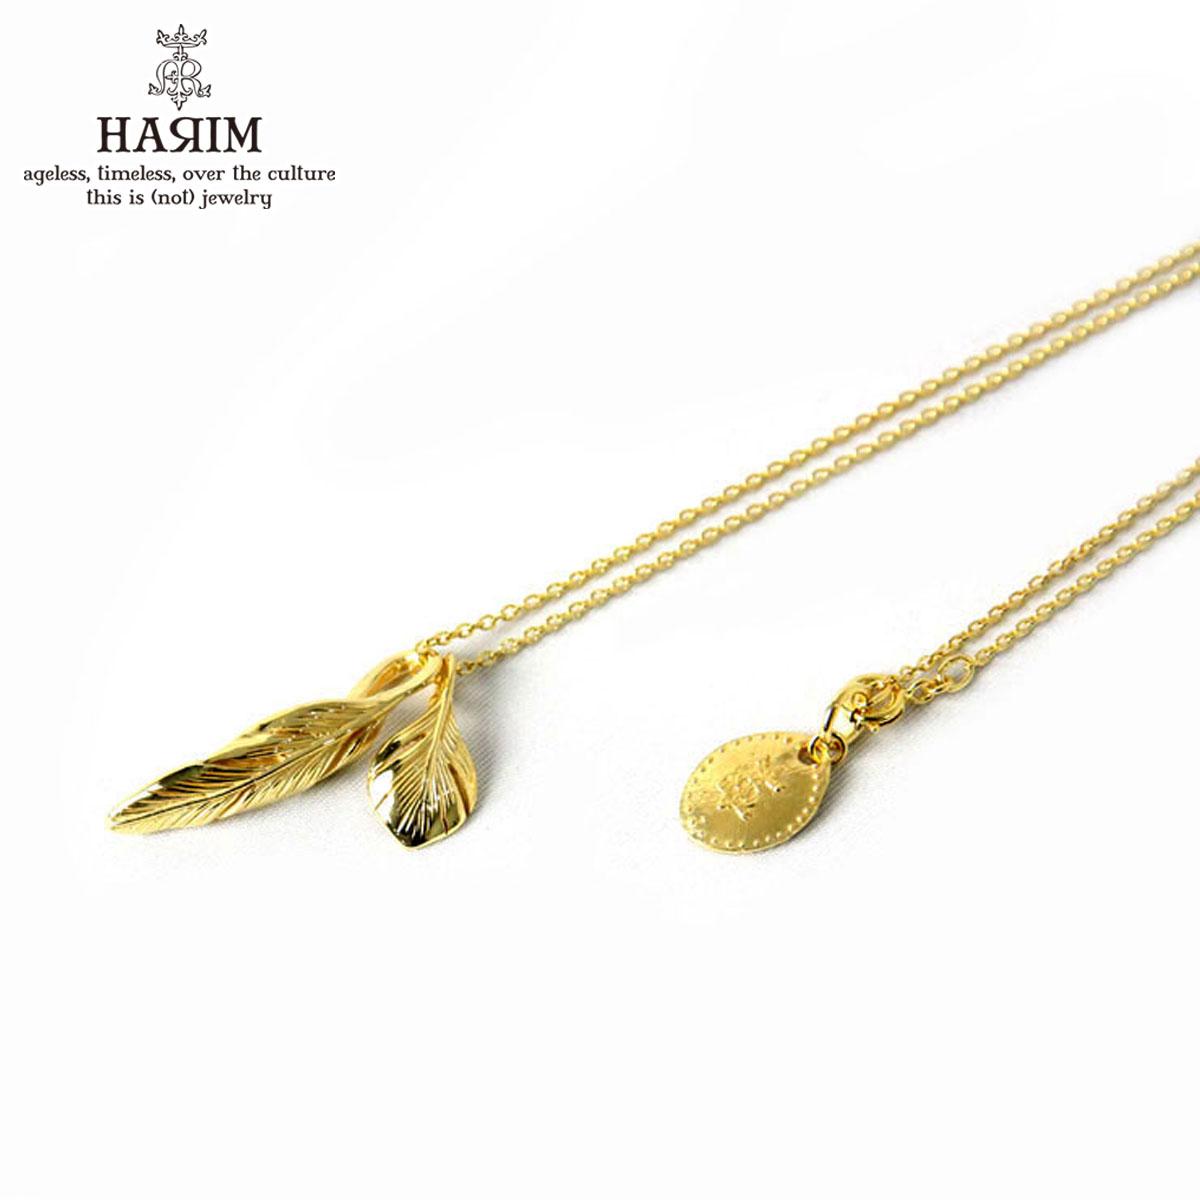 ハリム HARIM 正規販売店 ネックレス Slender feathers Half Very shine GP K18YG GOLD PLATING Necklace HRP105 GP